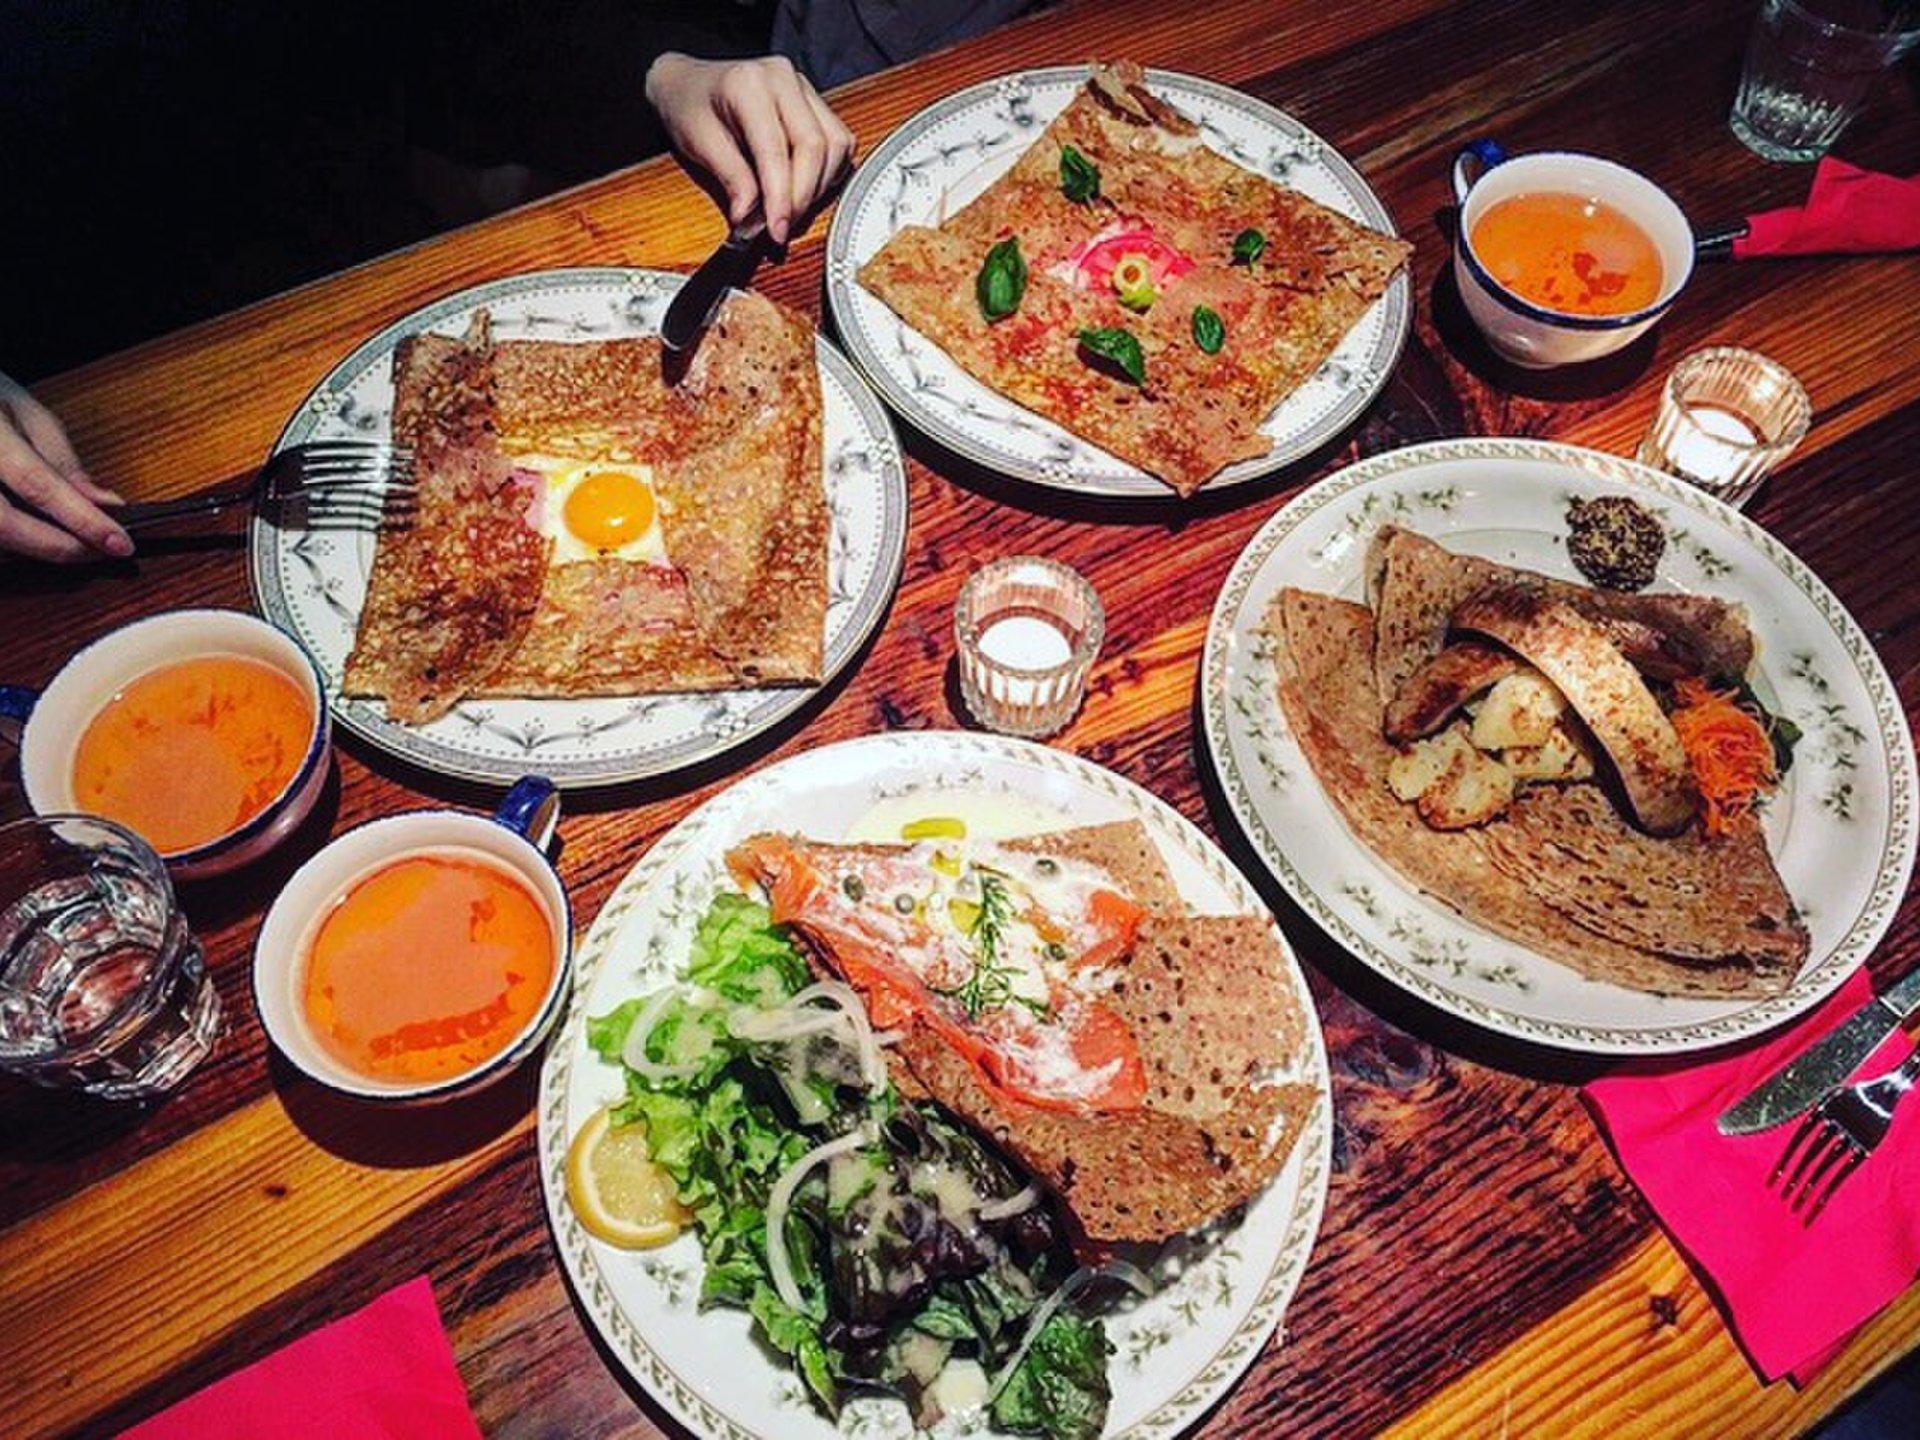 東京の絶品ガレットが食べれるおすすめ店7選!味も見た目も本格的